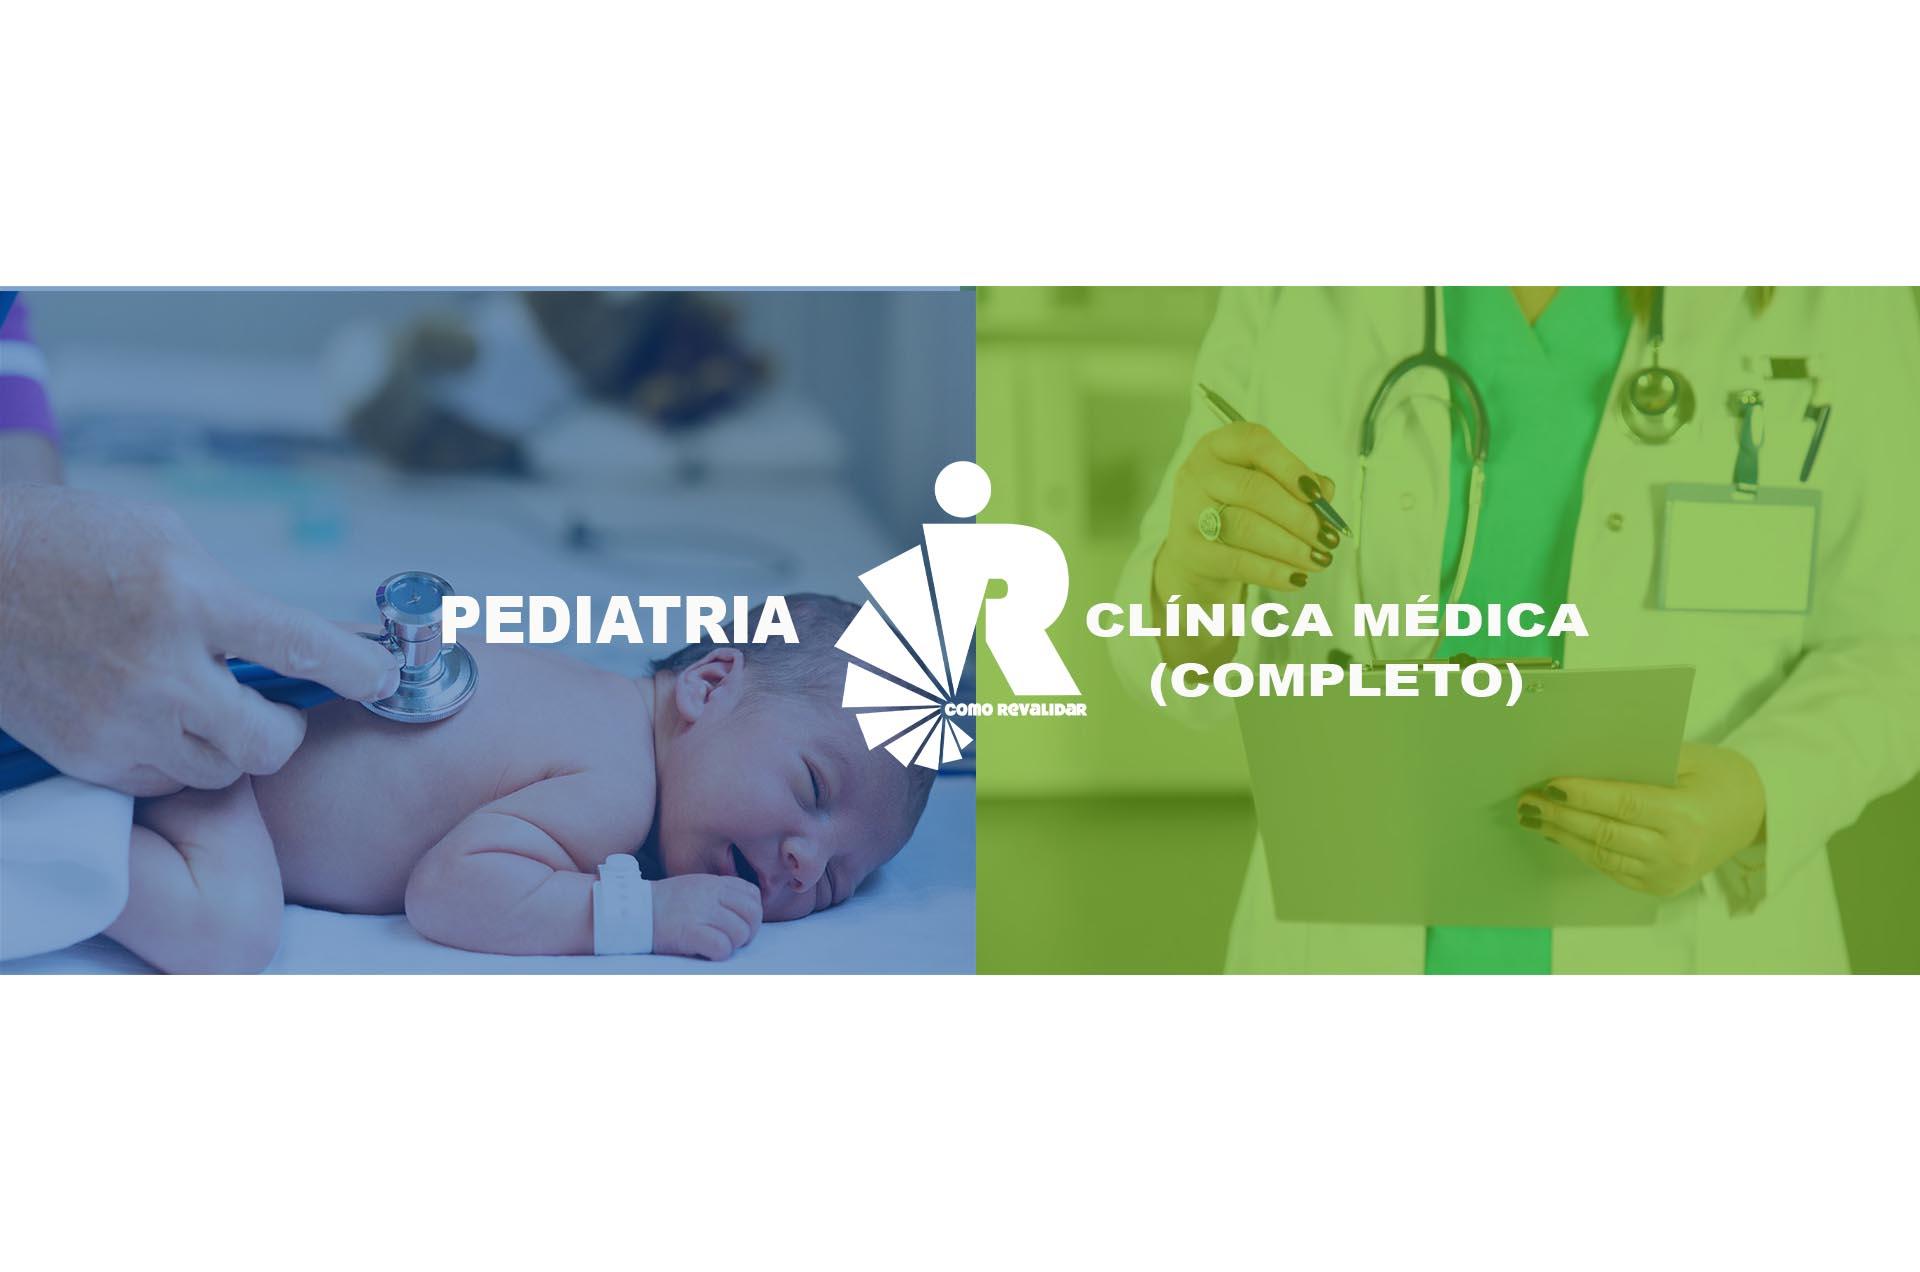 Combo pediatria%20 %20clinica%20medica%20completo%20